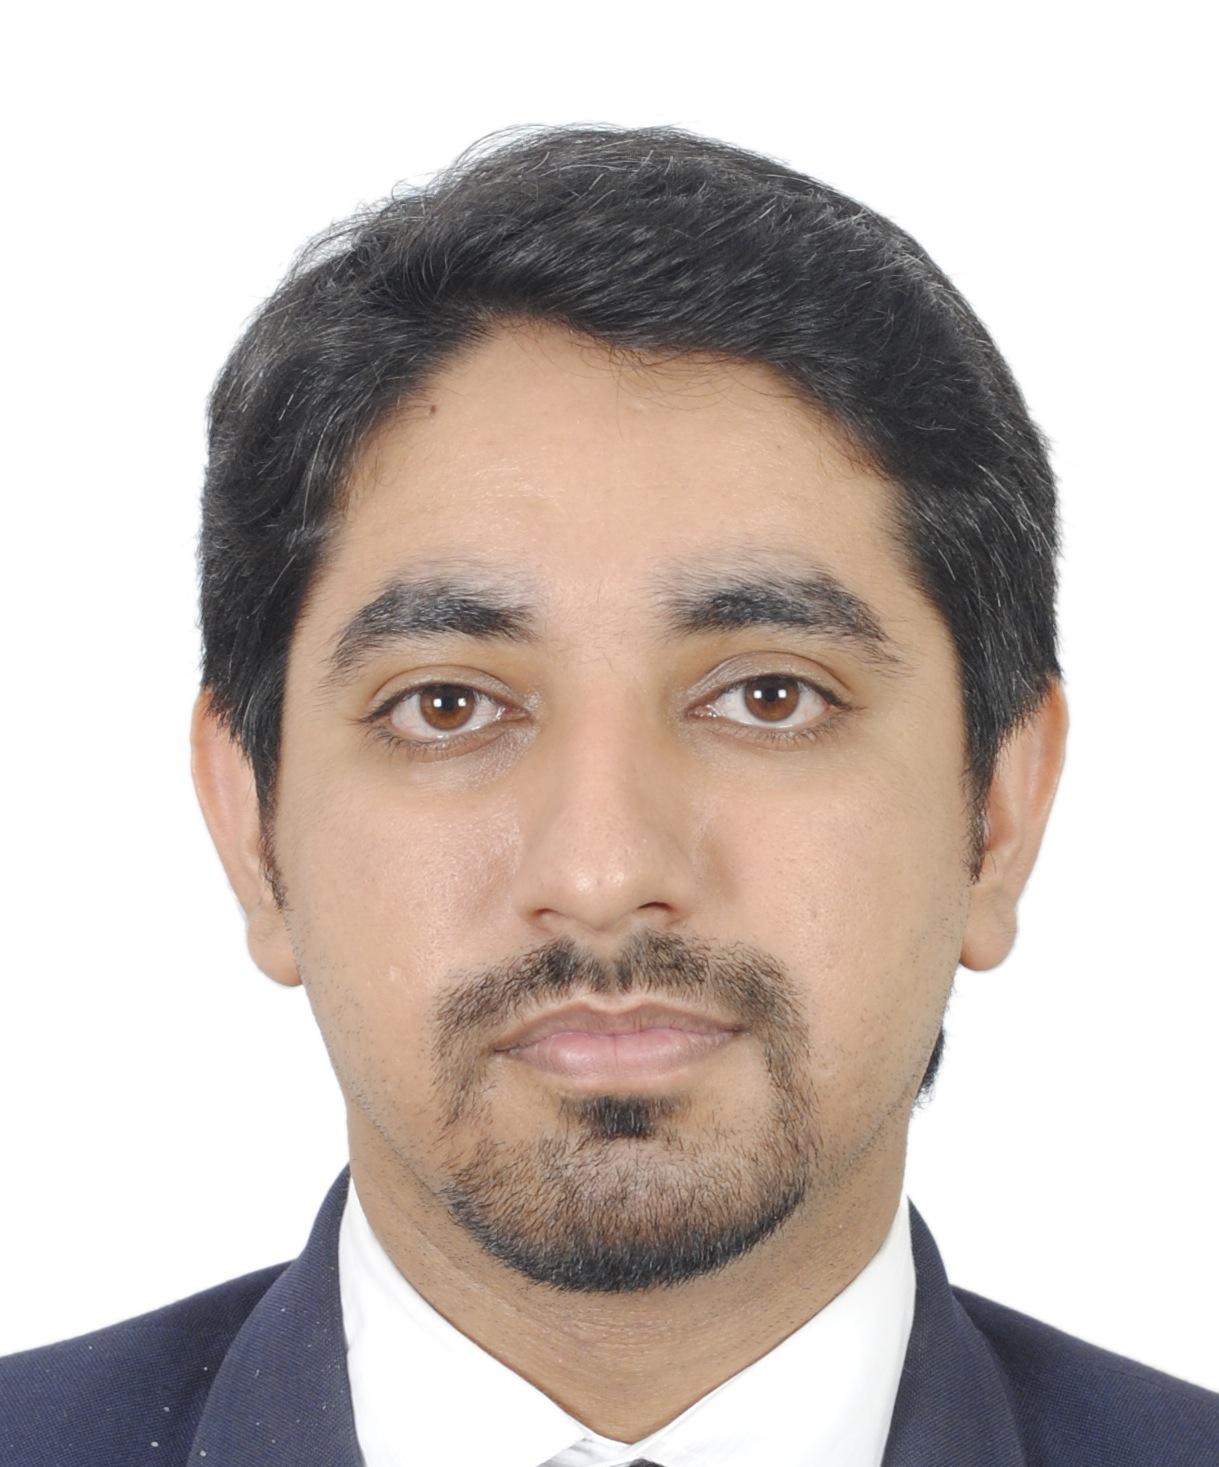 Dr. Sameer Thukral - Dentist